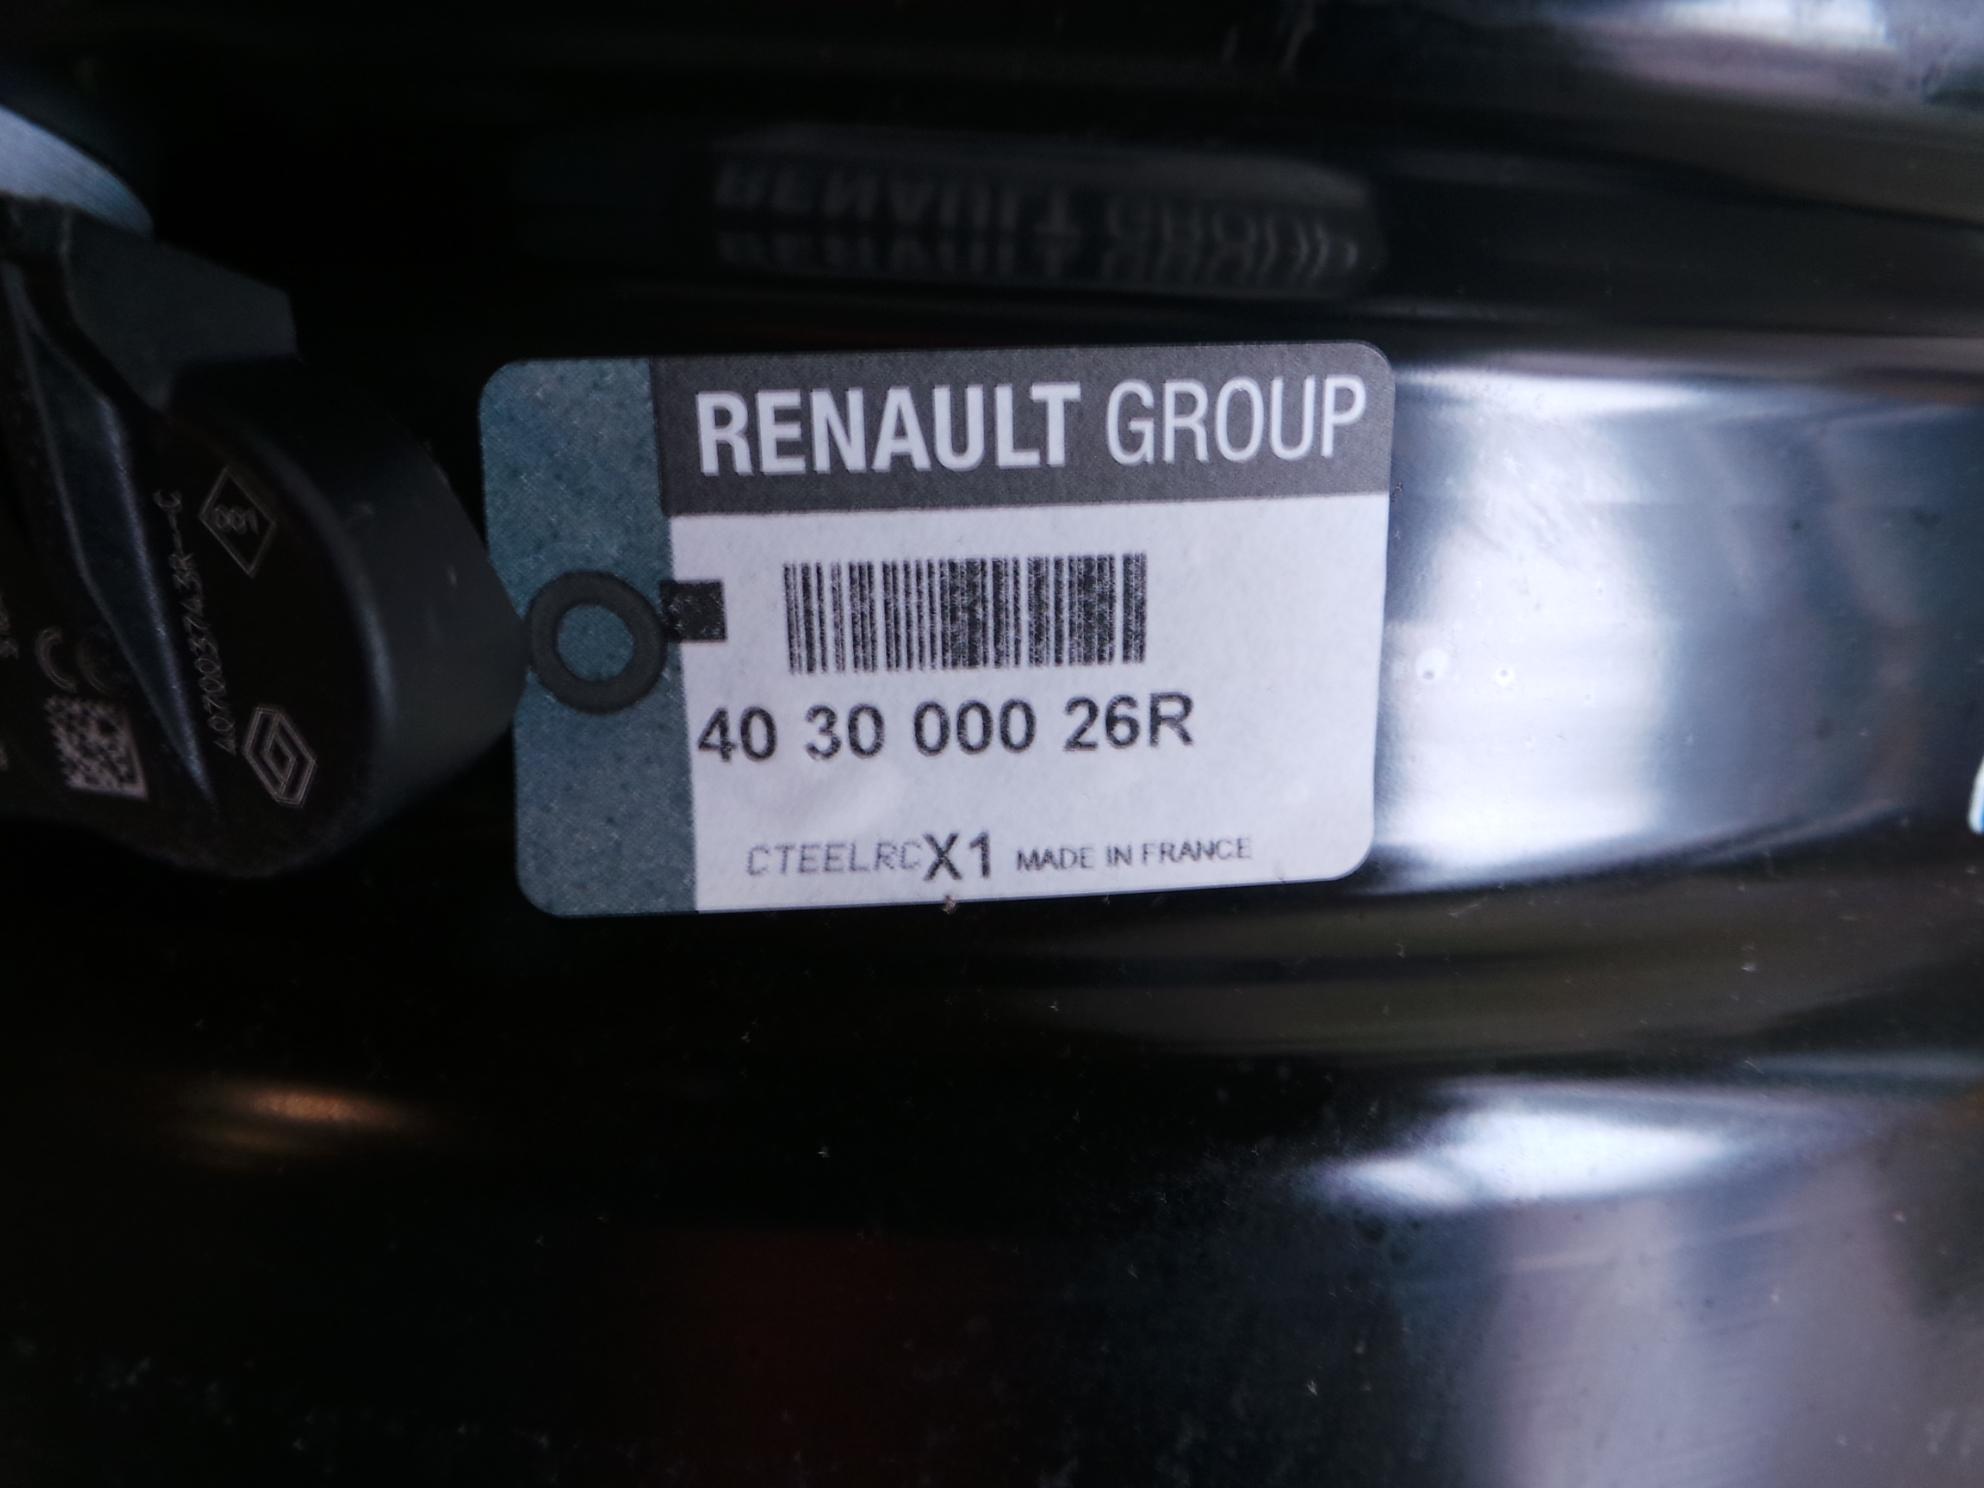 Renault Megane 3 III 08-13 Satz Stahlfelgen 6.5x15 ET43 5-Loch 6,5x15